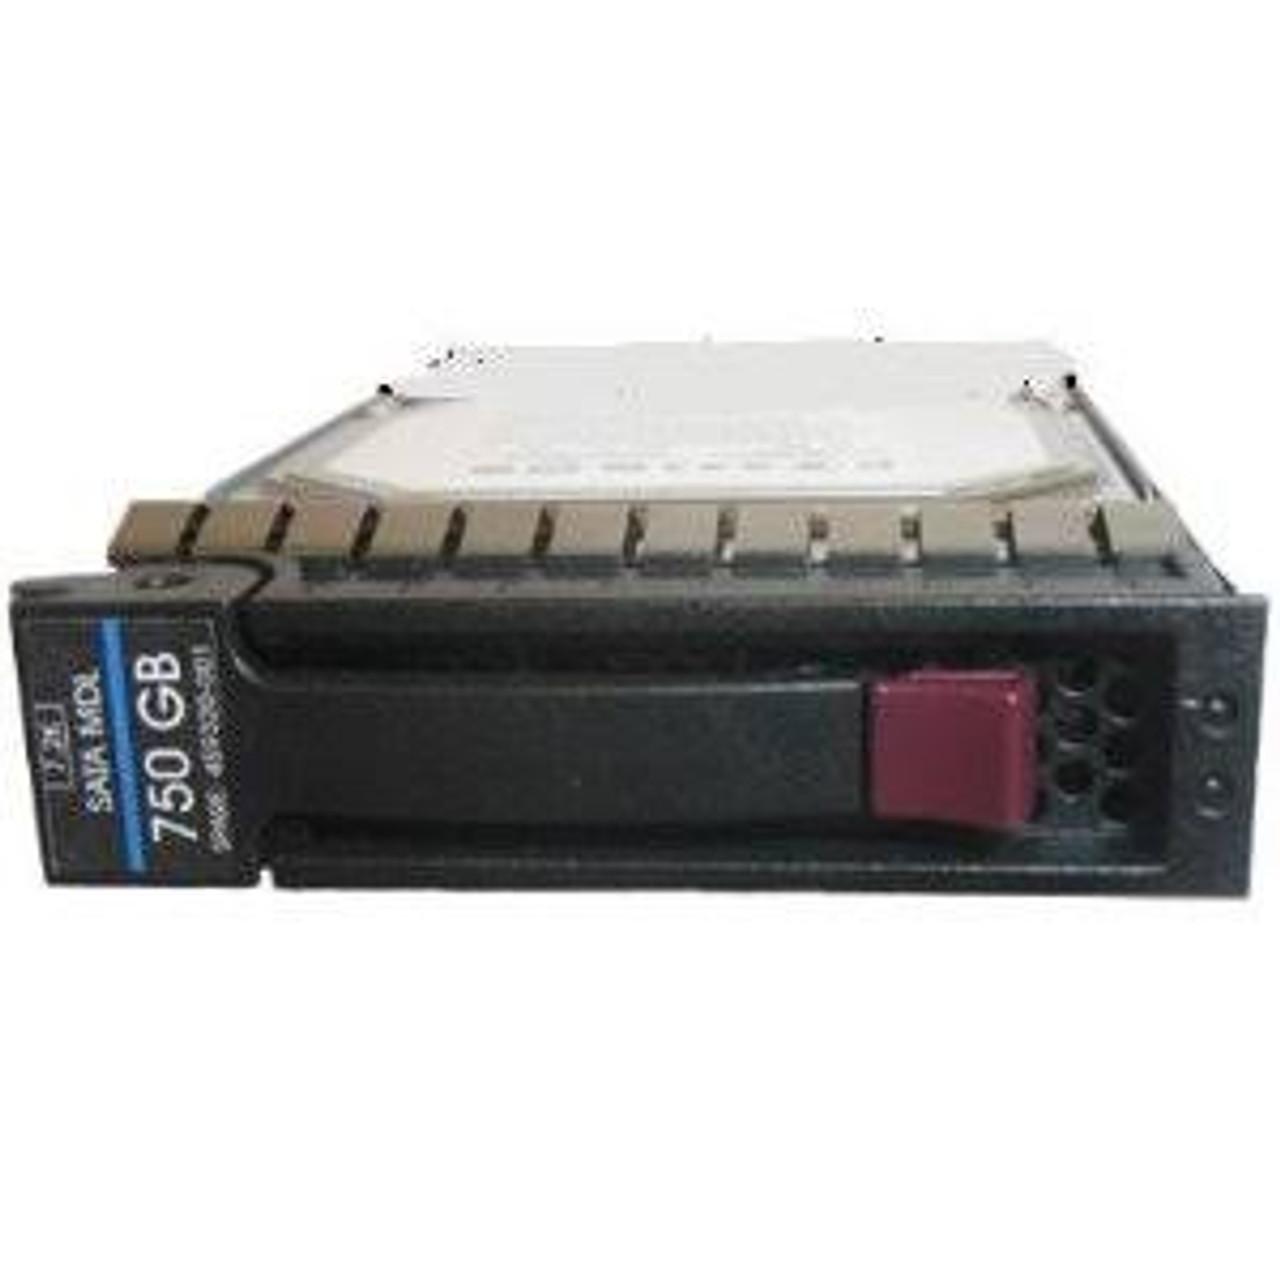 HP Part # GB0750EAFJK,